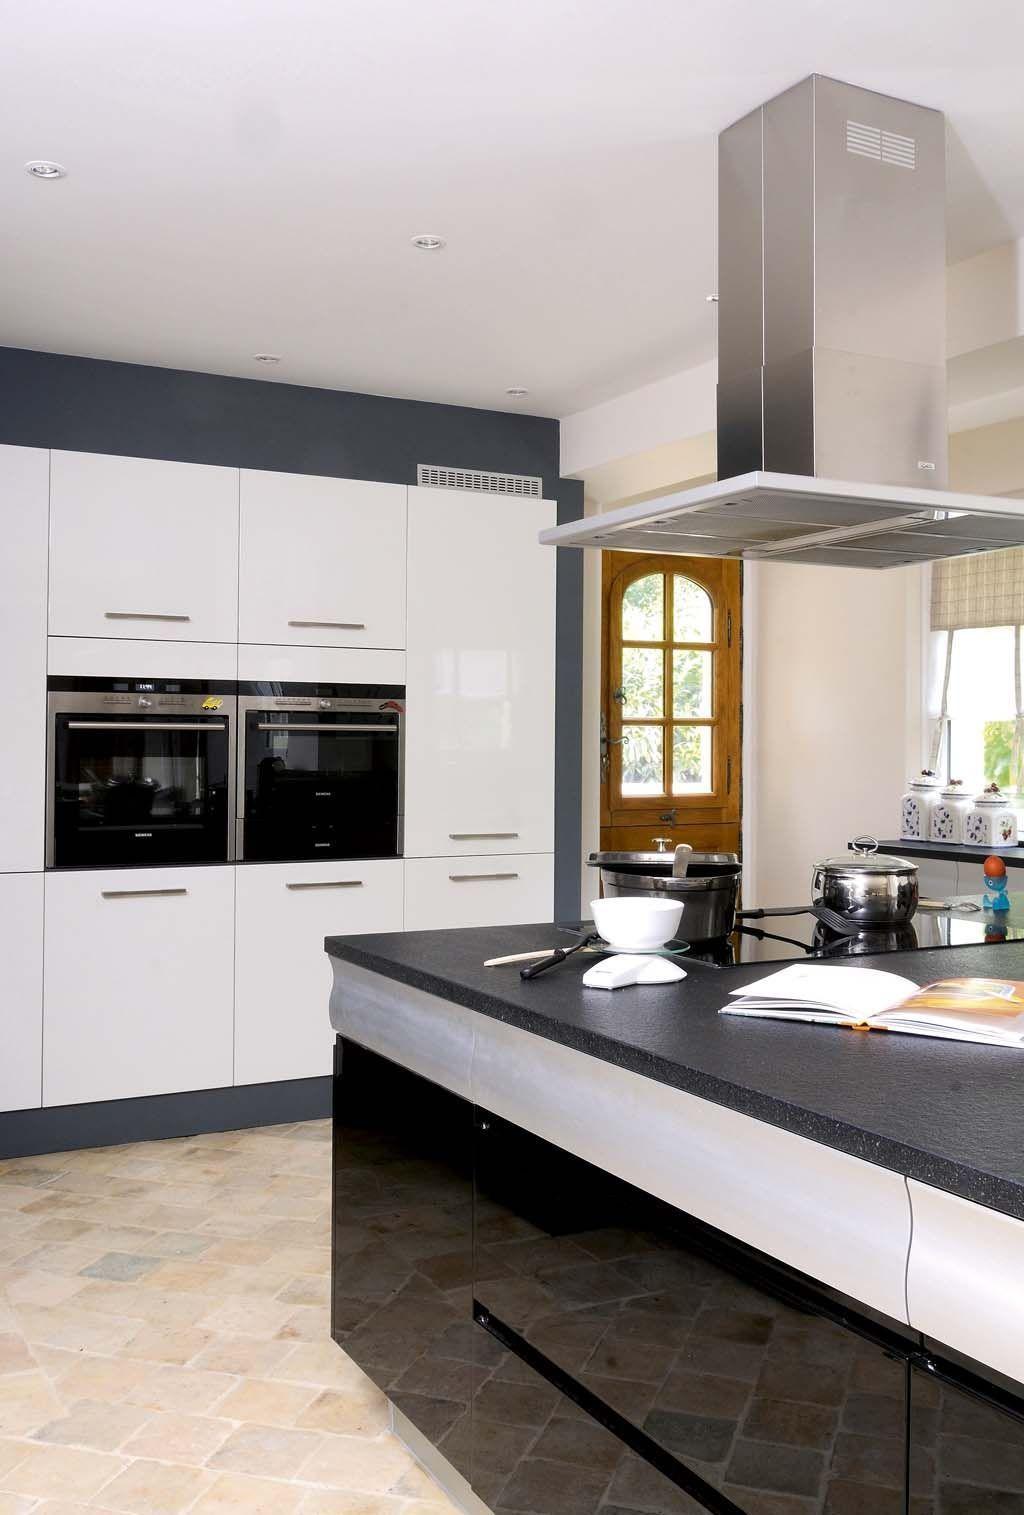 une cuisine moderne avec un sol en terre cuite plus de photos sur c t maison http petitlien. Black Bedroom Furniture Sets. Home Design Ideas